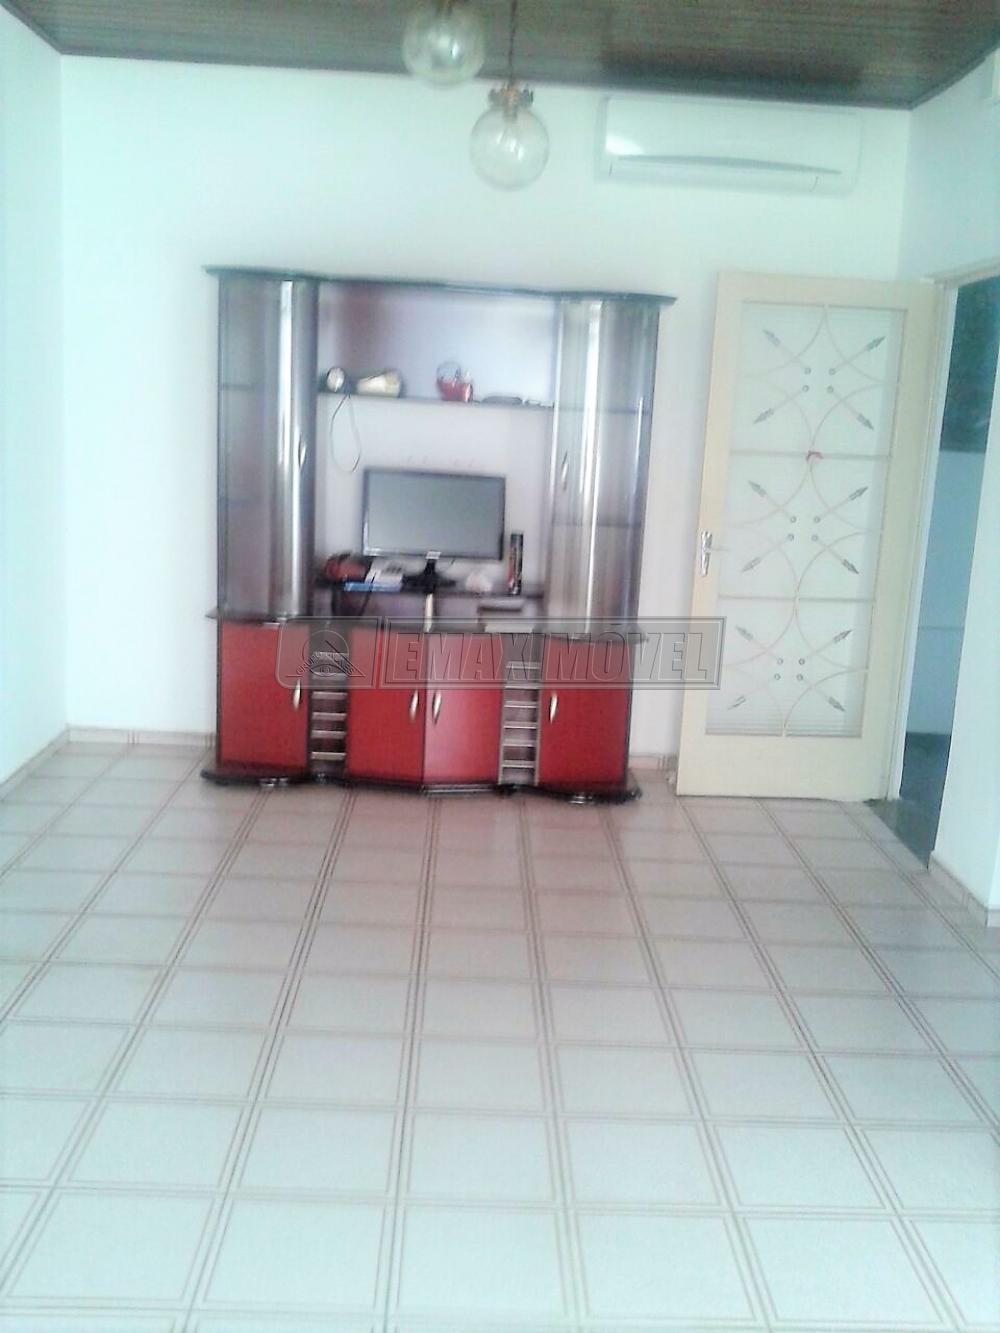 Alugar Casas / Comerciais em Sorocaba apenas R$ 2.300,00 - Foto 3